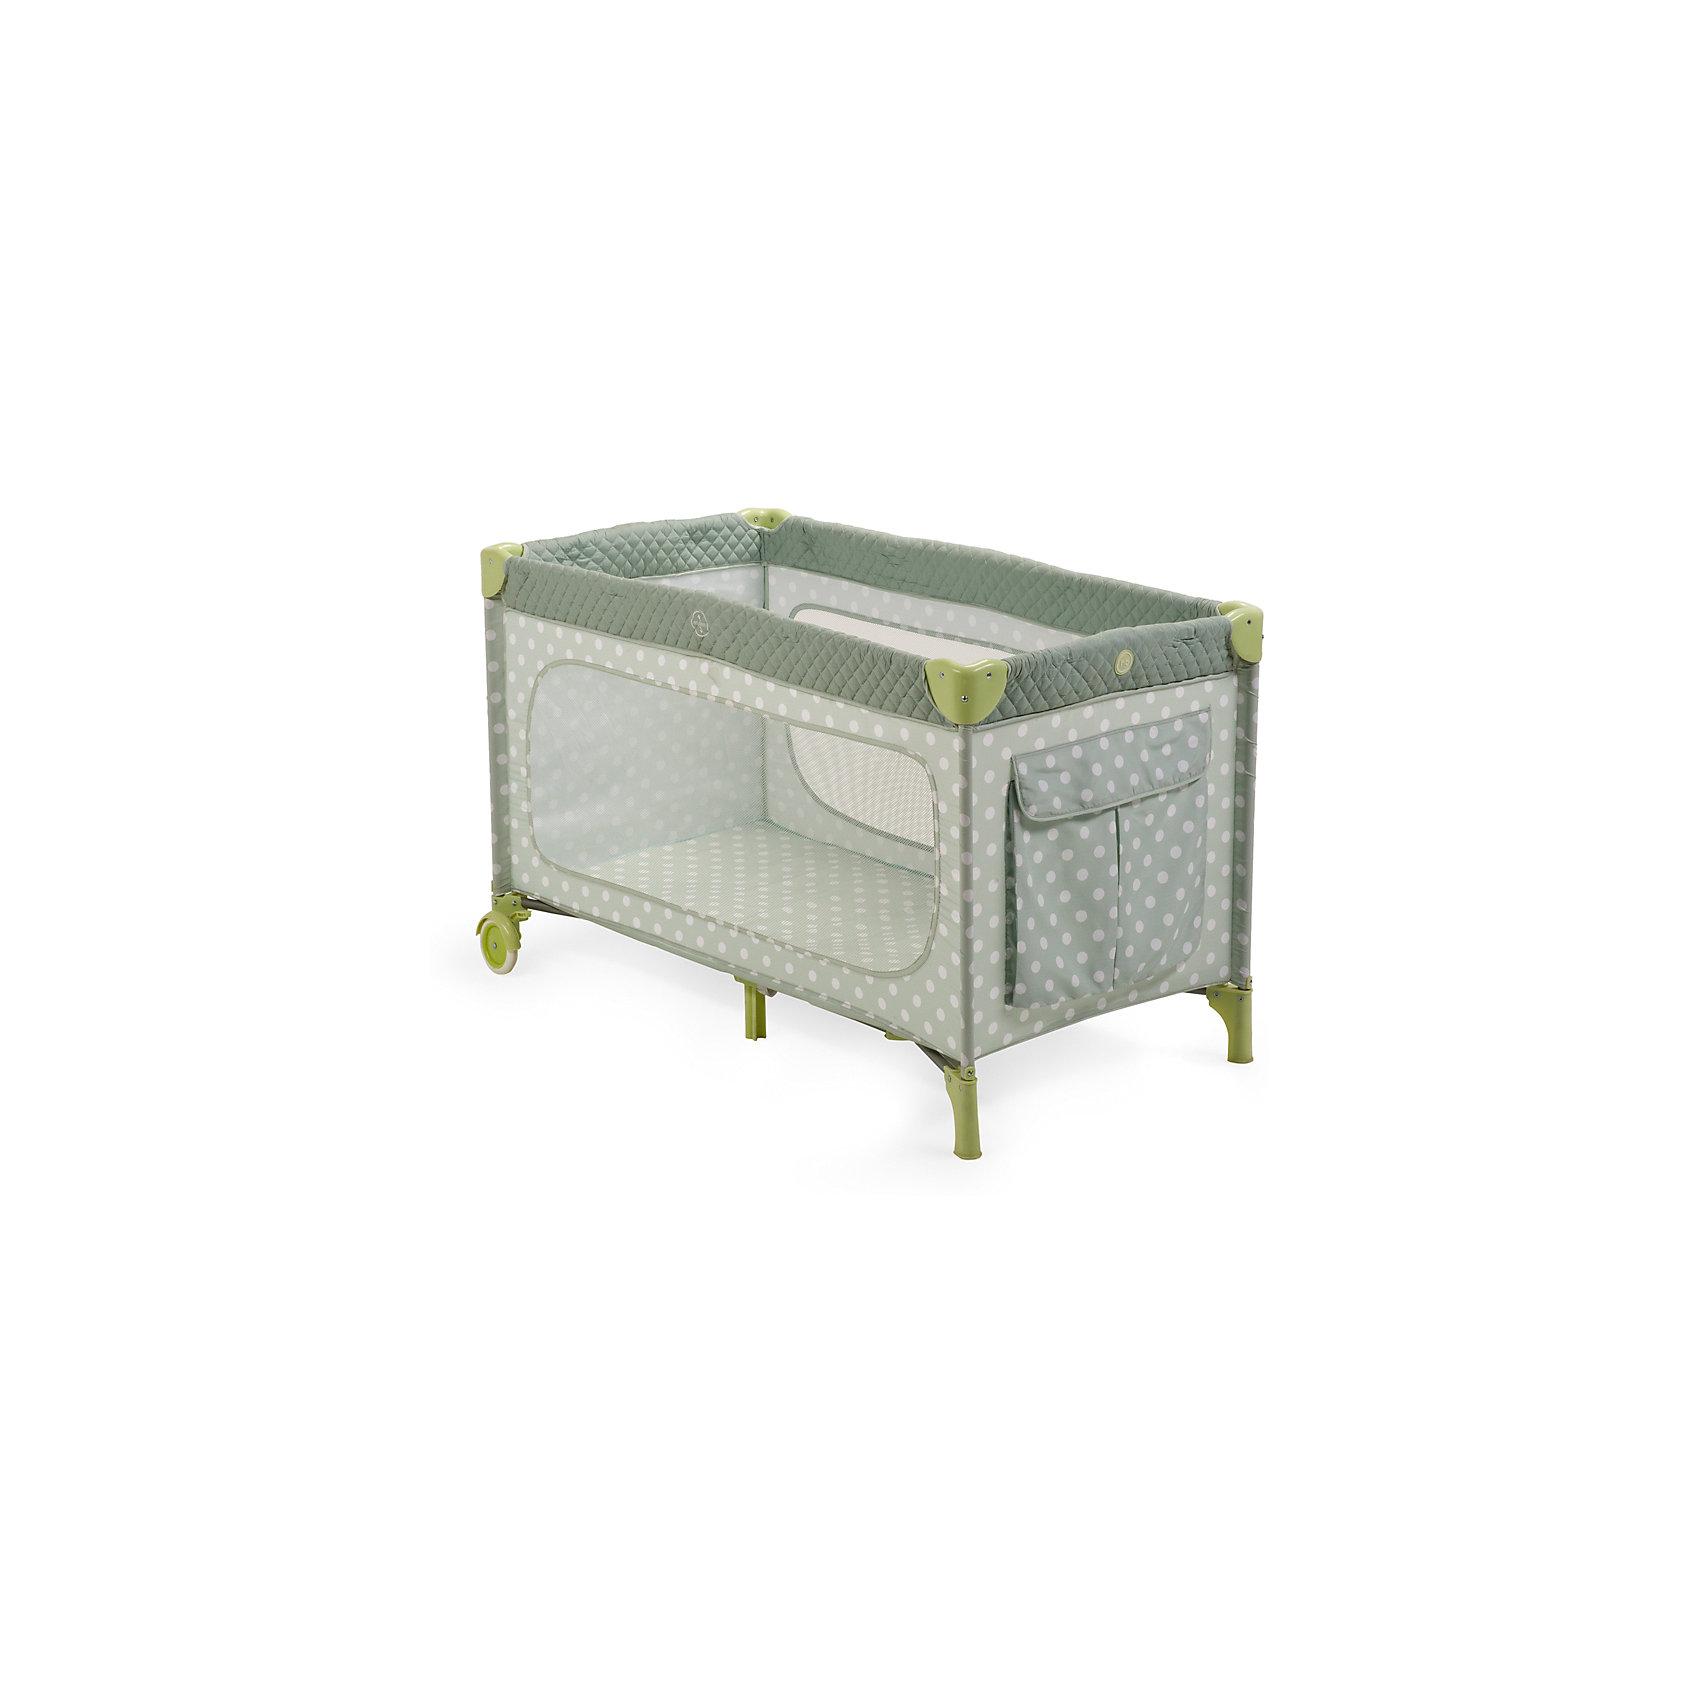 Манеж-кровать Martin, Happy Baby, серыйЭлегантный манеж, легко превращающийся в комфортабельную кроватку, выполнен из современных, легких материалов. Большие окна обеспечивают вентиляцию, прекрасное освещение и позволяют хорошо видеть малыша. Два колесика делают удобным перемещение манежа-кроватки по дому. Все углы и опасные для ребенка поверхности защищены специальными накладками.<br><br>В комплектацию входит съемный матрасик, дополнительный второй уровень, а для активных малышей имеется боковой лаз. Кроватка легко и компактно складывается.<br><br>Дополнительная информация:<br><br>Размеры в сложенном виде: 76 см Х 26 см Х 22 см<br>Размеры в разложенном виде: 128 см Х 76 см Х 70 см<br>Размер спального места: 120 см Х 60 см<br>Максимальный вес ребенка: до 15 кг<br><br>Кровать-манеж Martin, Happy Baby, серую можно купить в нашем магазине.<br><br>Ширина мм: 220<br>Глубина мм: 230<br>Высота мм: 780<br>Вес г: 12000<br>Возраст от месяцев: 0<br>Возраст до месяцев: 36<br>Пол: Унисекс<br>Возраст: Детский<br>SKU: 4146883